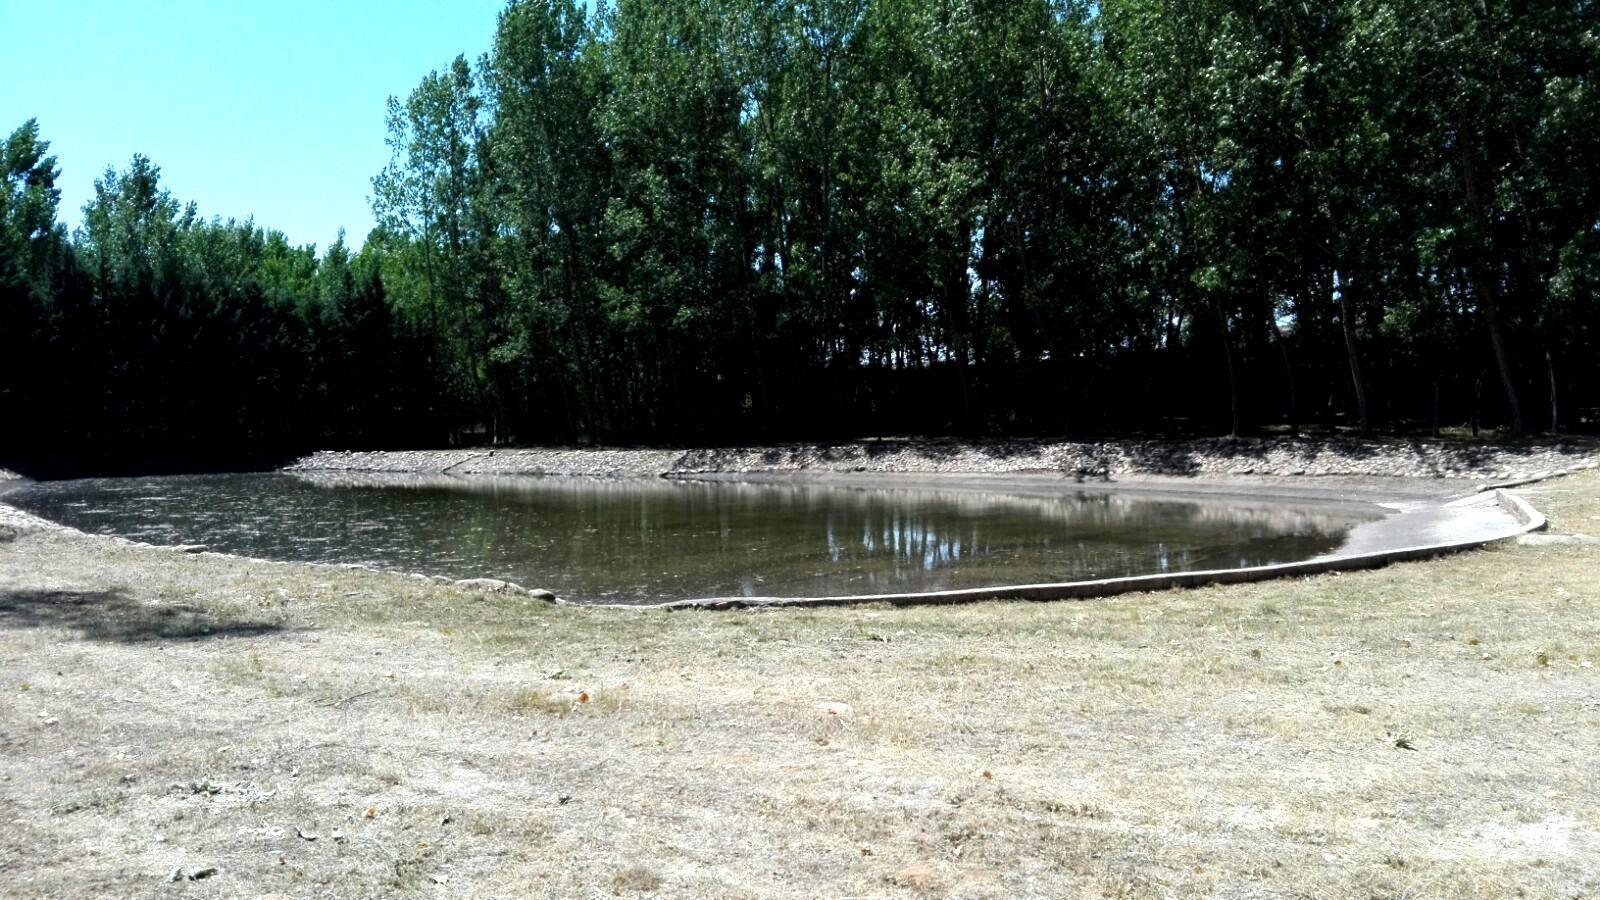 4 ba os fluviales escondidos en guadalajara for Piscinas naturales guadalajara